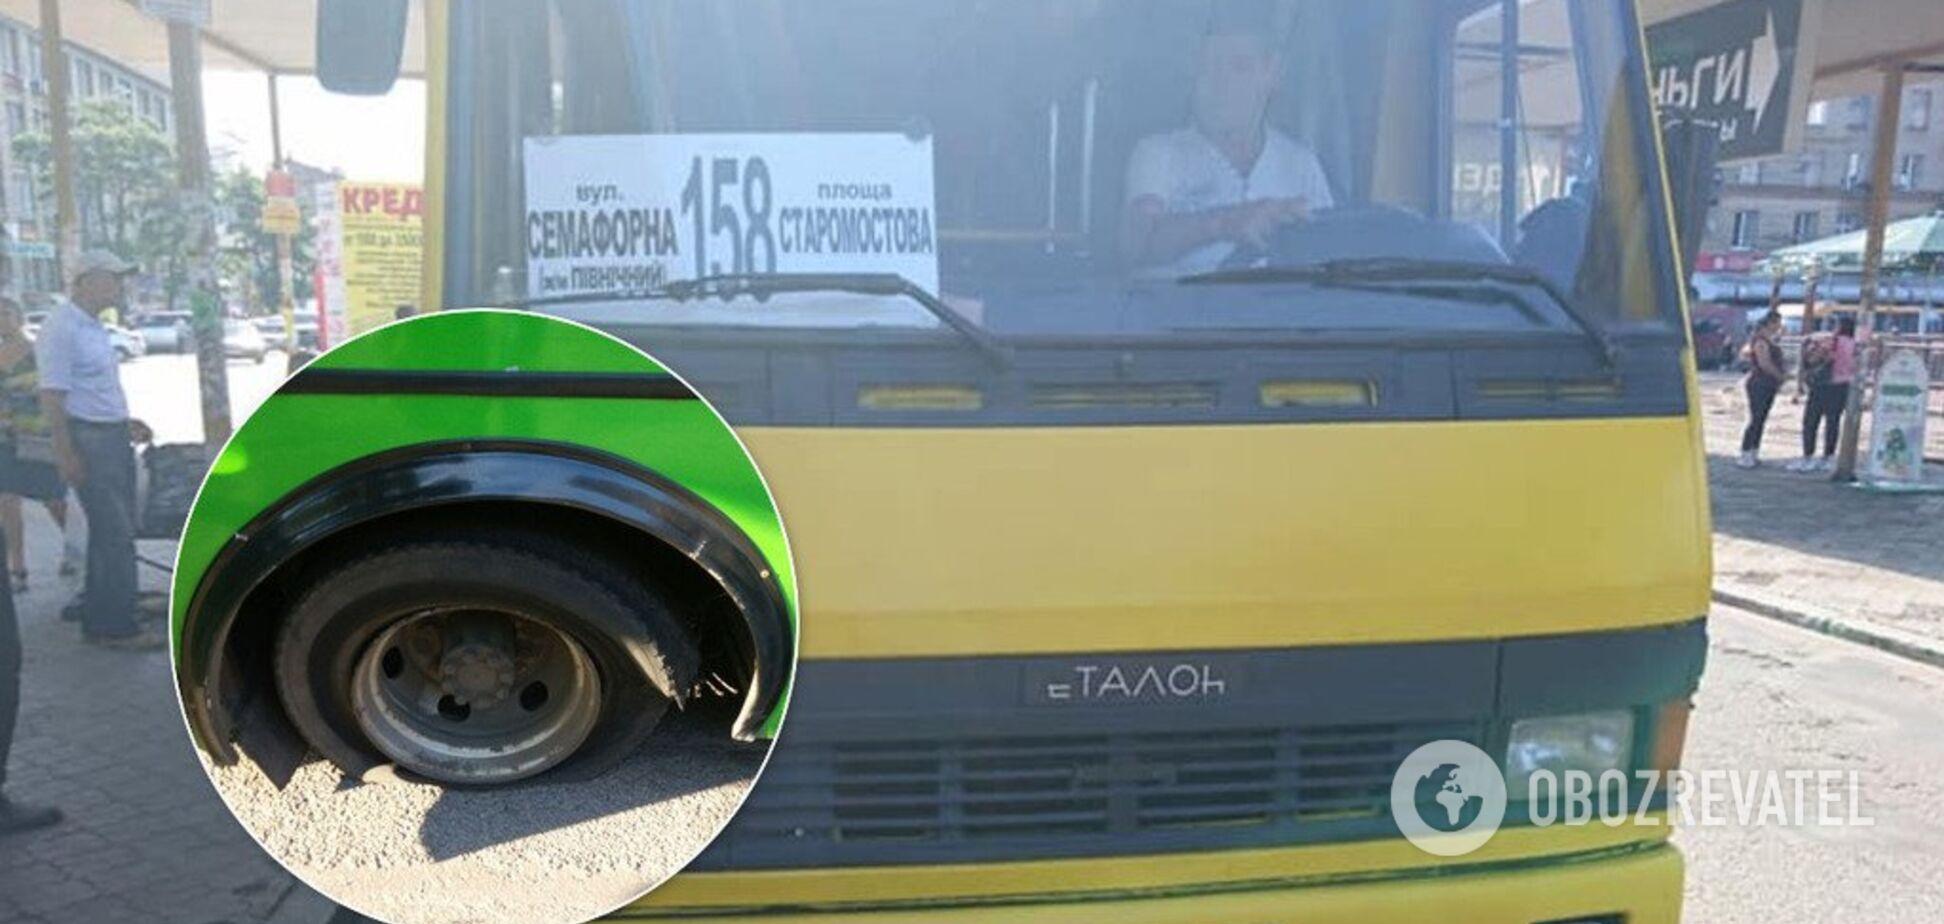 У Дніпрі на ходу у маршрутки лопнули колеса: фото і подробиці